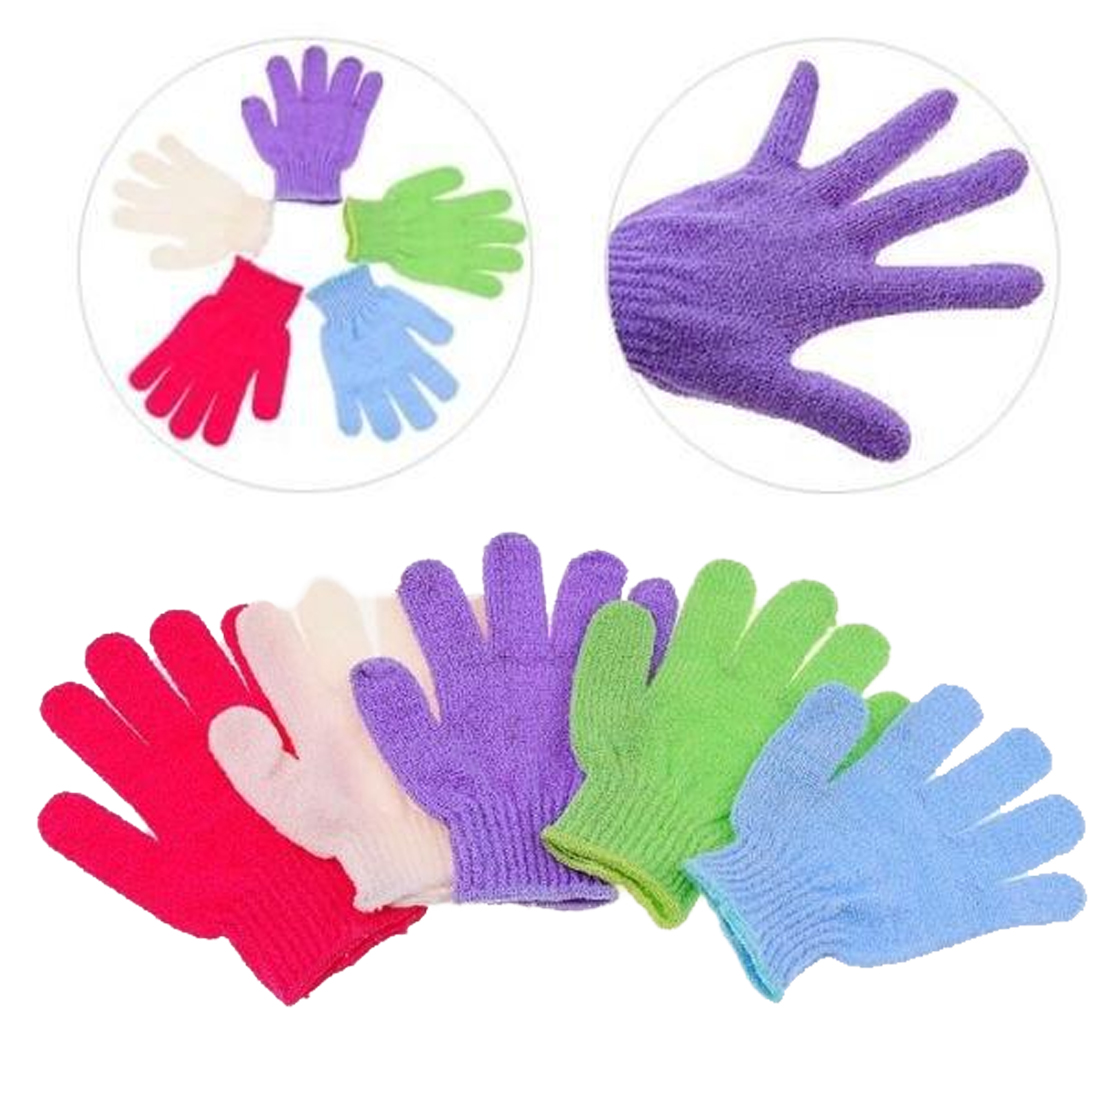 Good 1PC Shower Bath Gloves Exfoliating Wash Skin Spa Massage Body Scrubber Cleaner Bath Glove